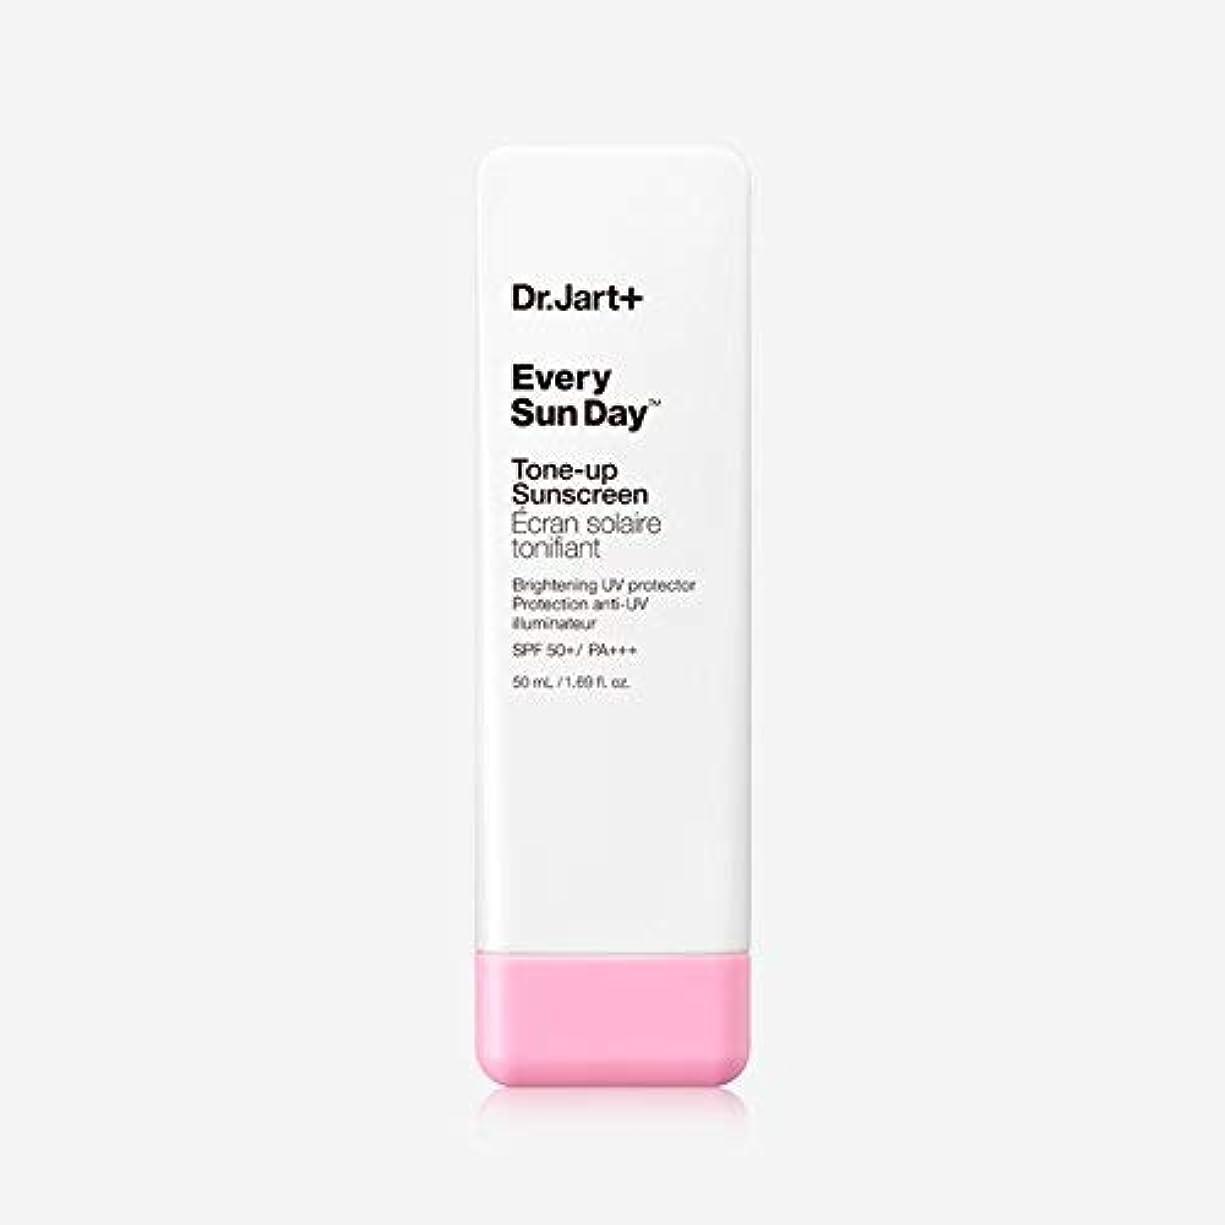 ペイント効率バレーボールDr.Jart+ Every Sun Day Tone-up Sunscreen SPF50+ PA+++ 50ml / ドクタージャルトゥエヴリサンデートーンアップサンスクリーンSPF50+PA+++50ml [並行輸入品]